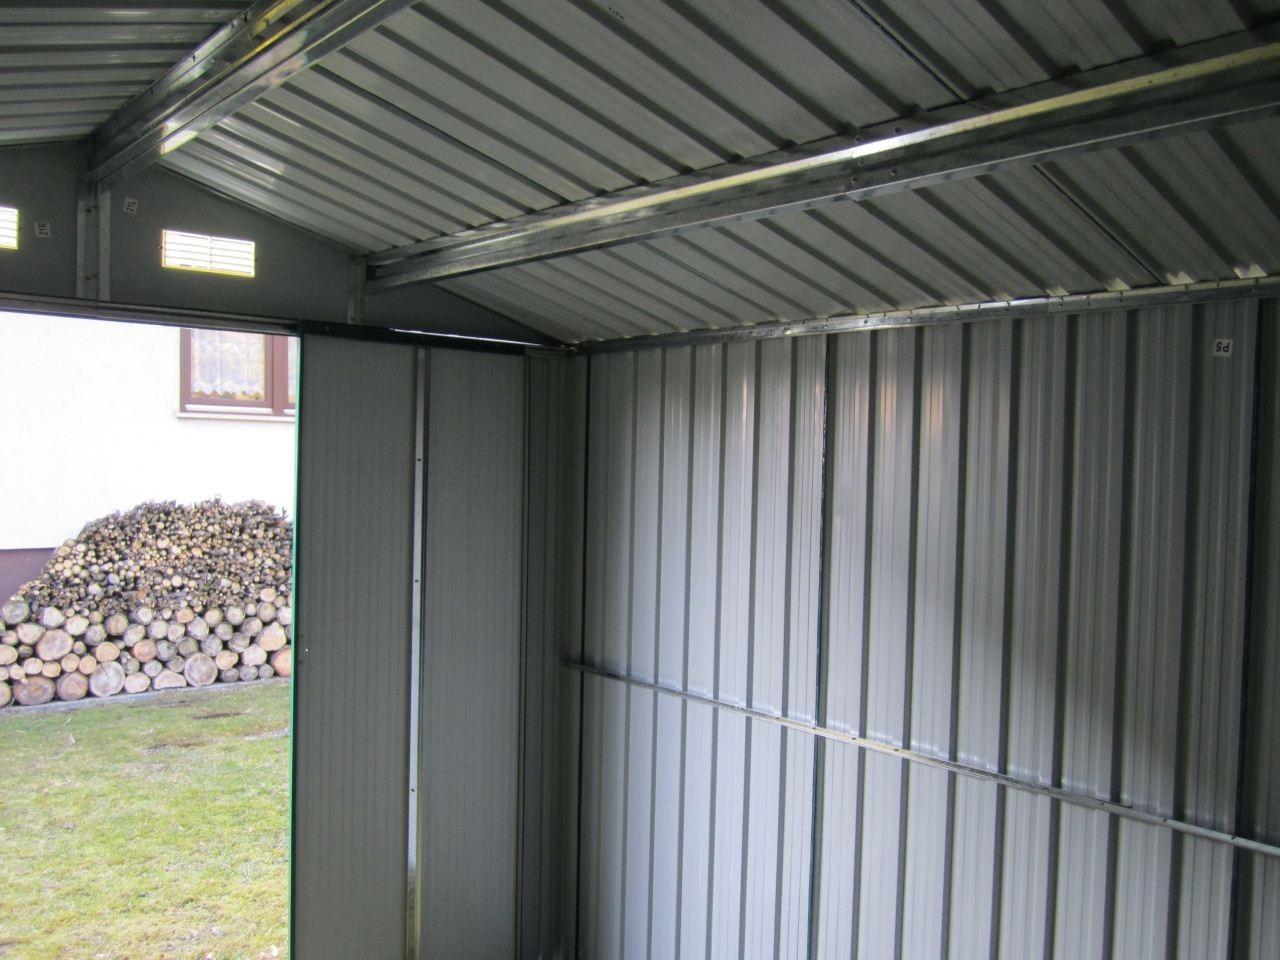 gartenhaus ger teschuppen 9m 3x3m aus verzinktem stahlblech metall gr n alles f r garten und. Black Bedroom Furniture Sets. Home Design Ideas